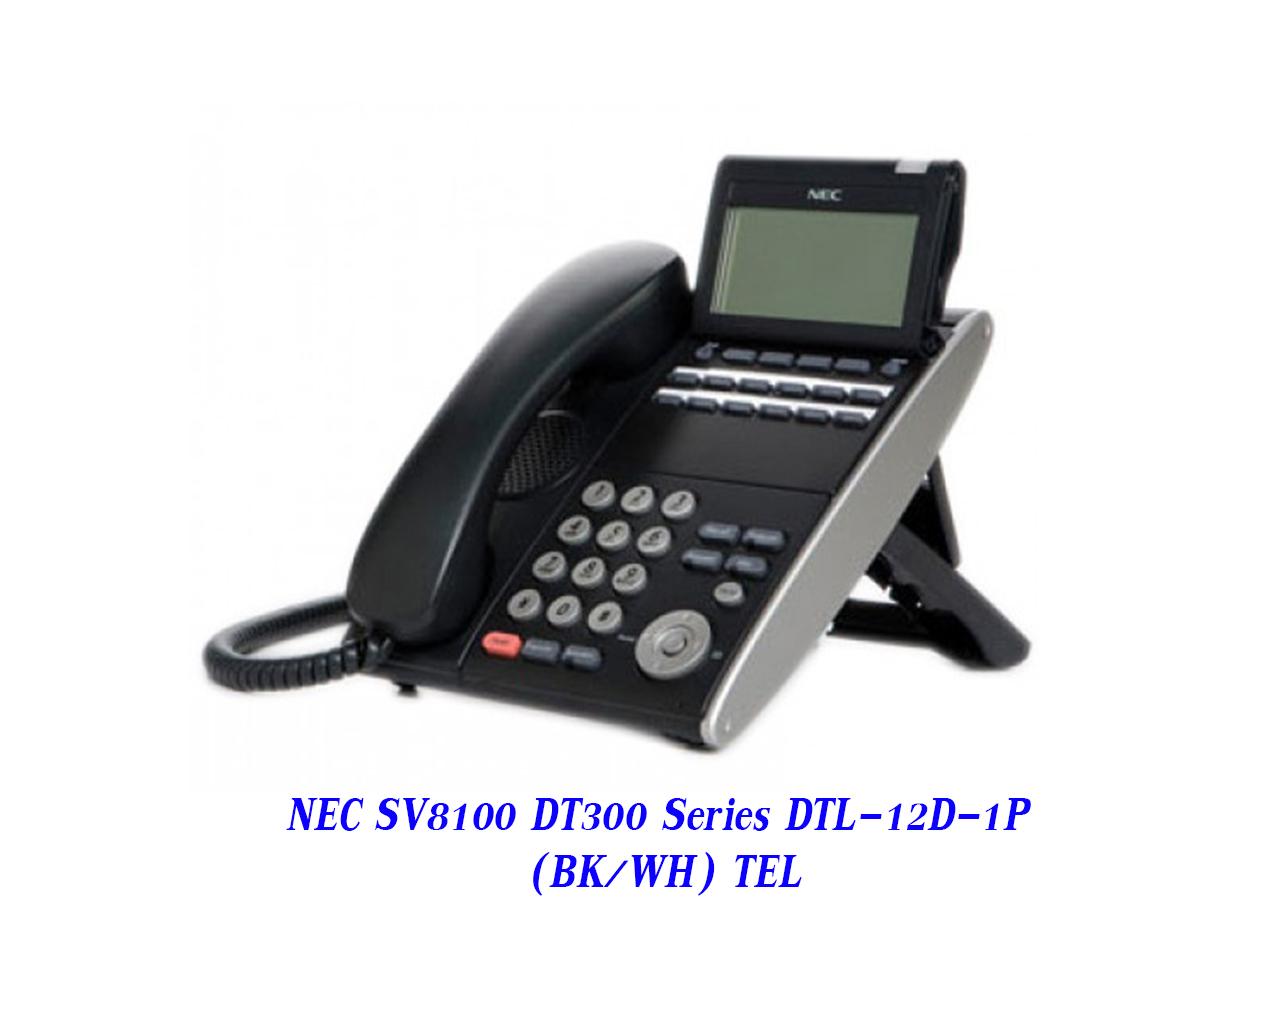 NEC SV8100 DT300 Series DTL-12D-1P (BK/WH) TEL